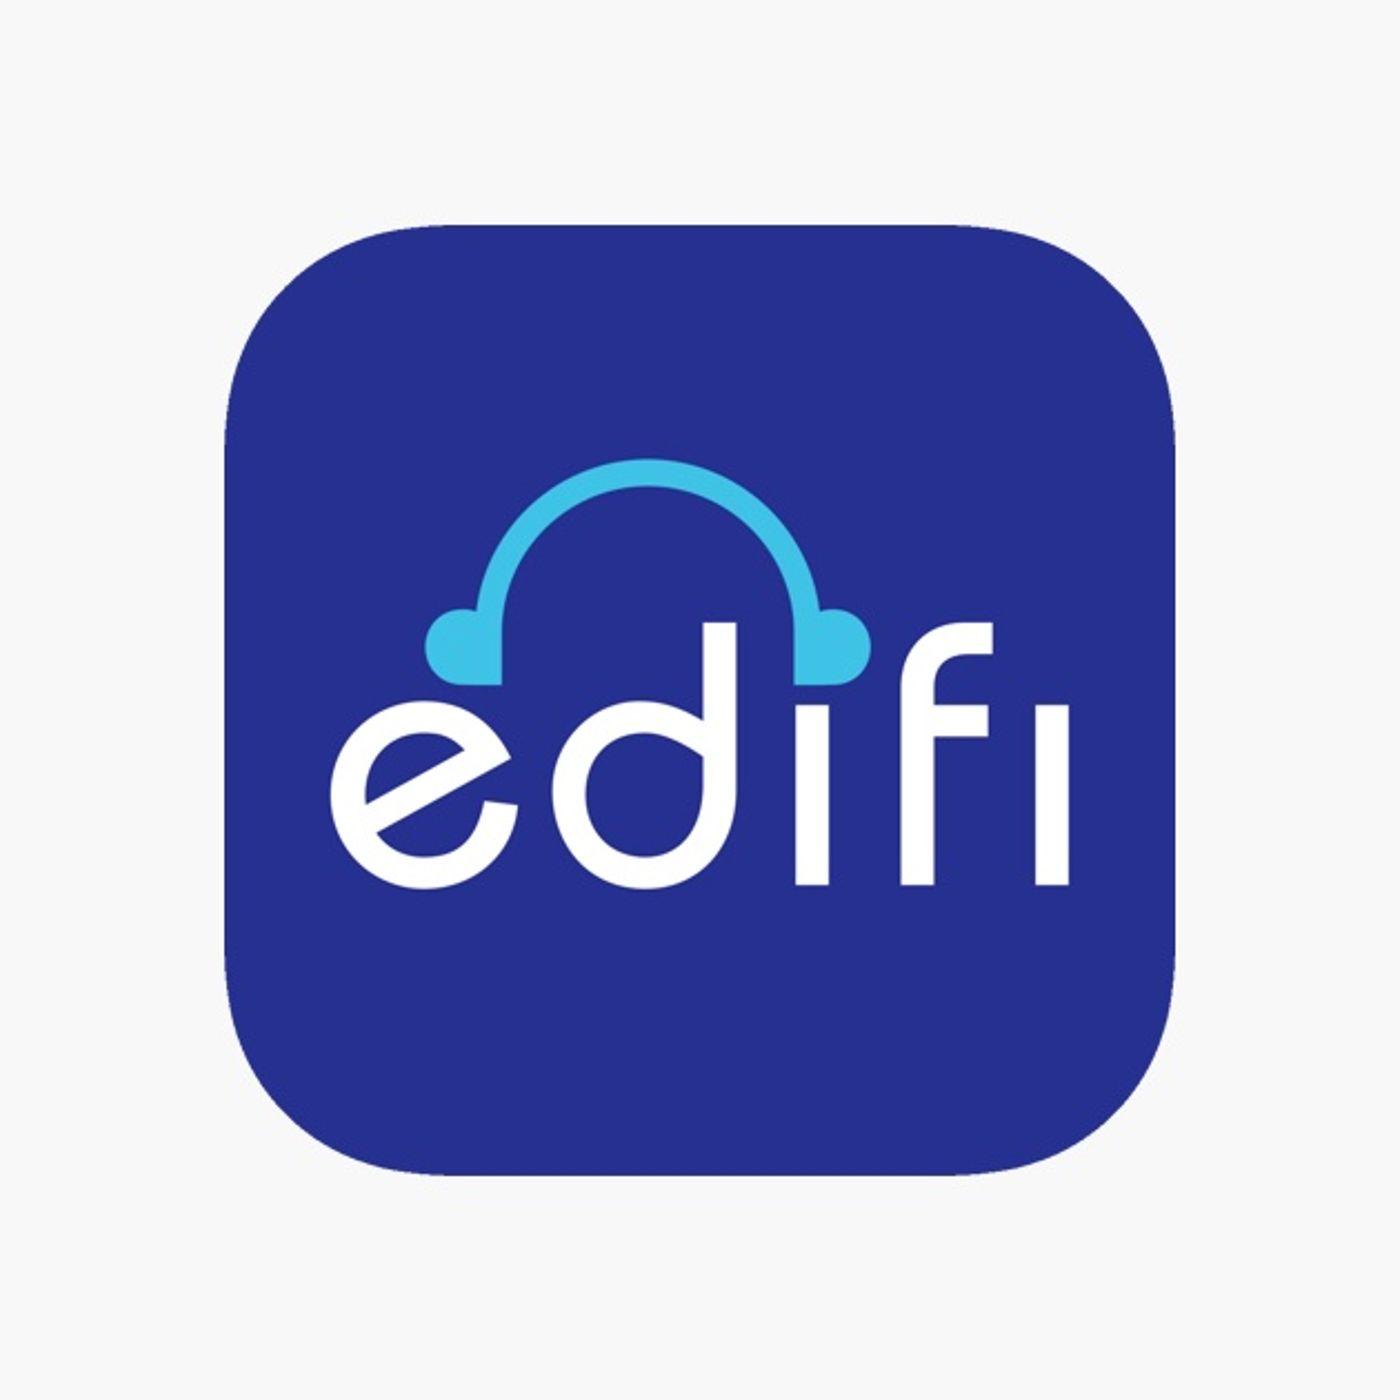 The Edifi Christian Podcast App Saga Ends